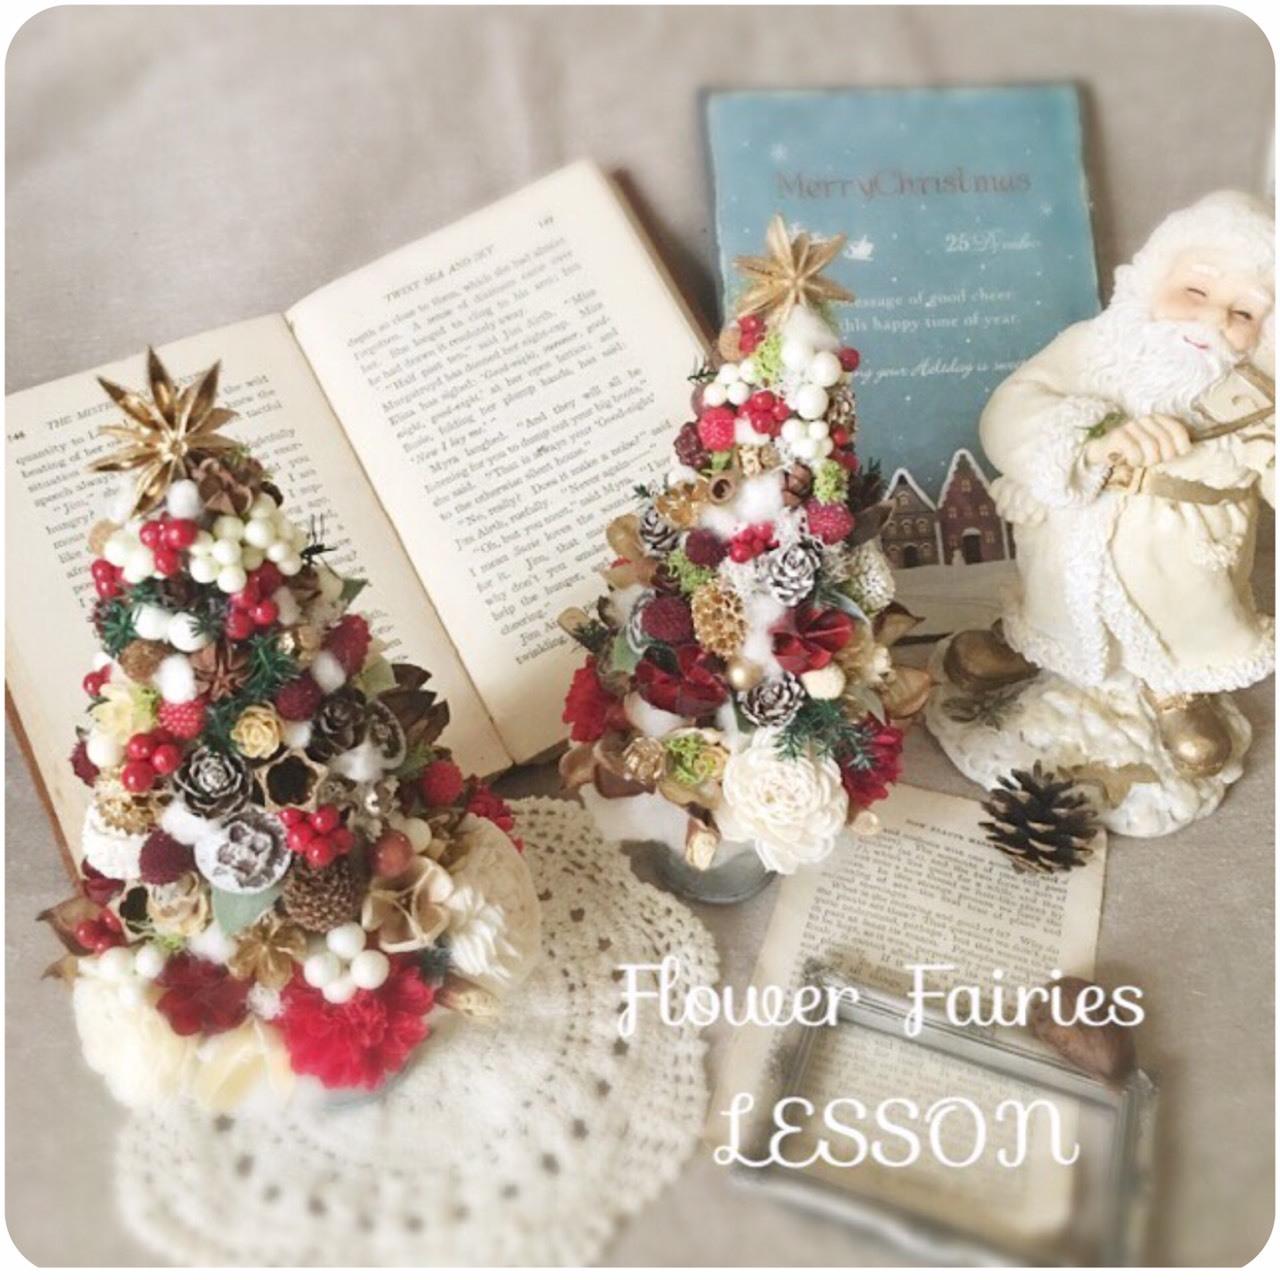 ミニクリスマスツリー体験教室のご案内*_a0322702_11052912.jpeg